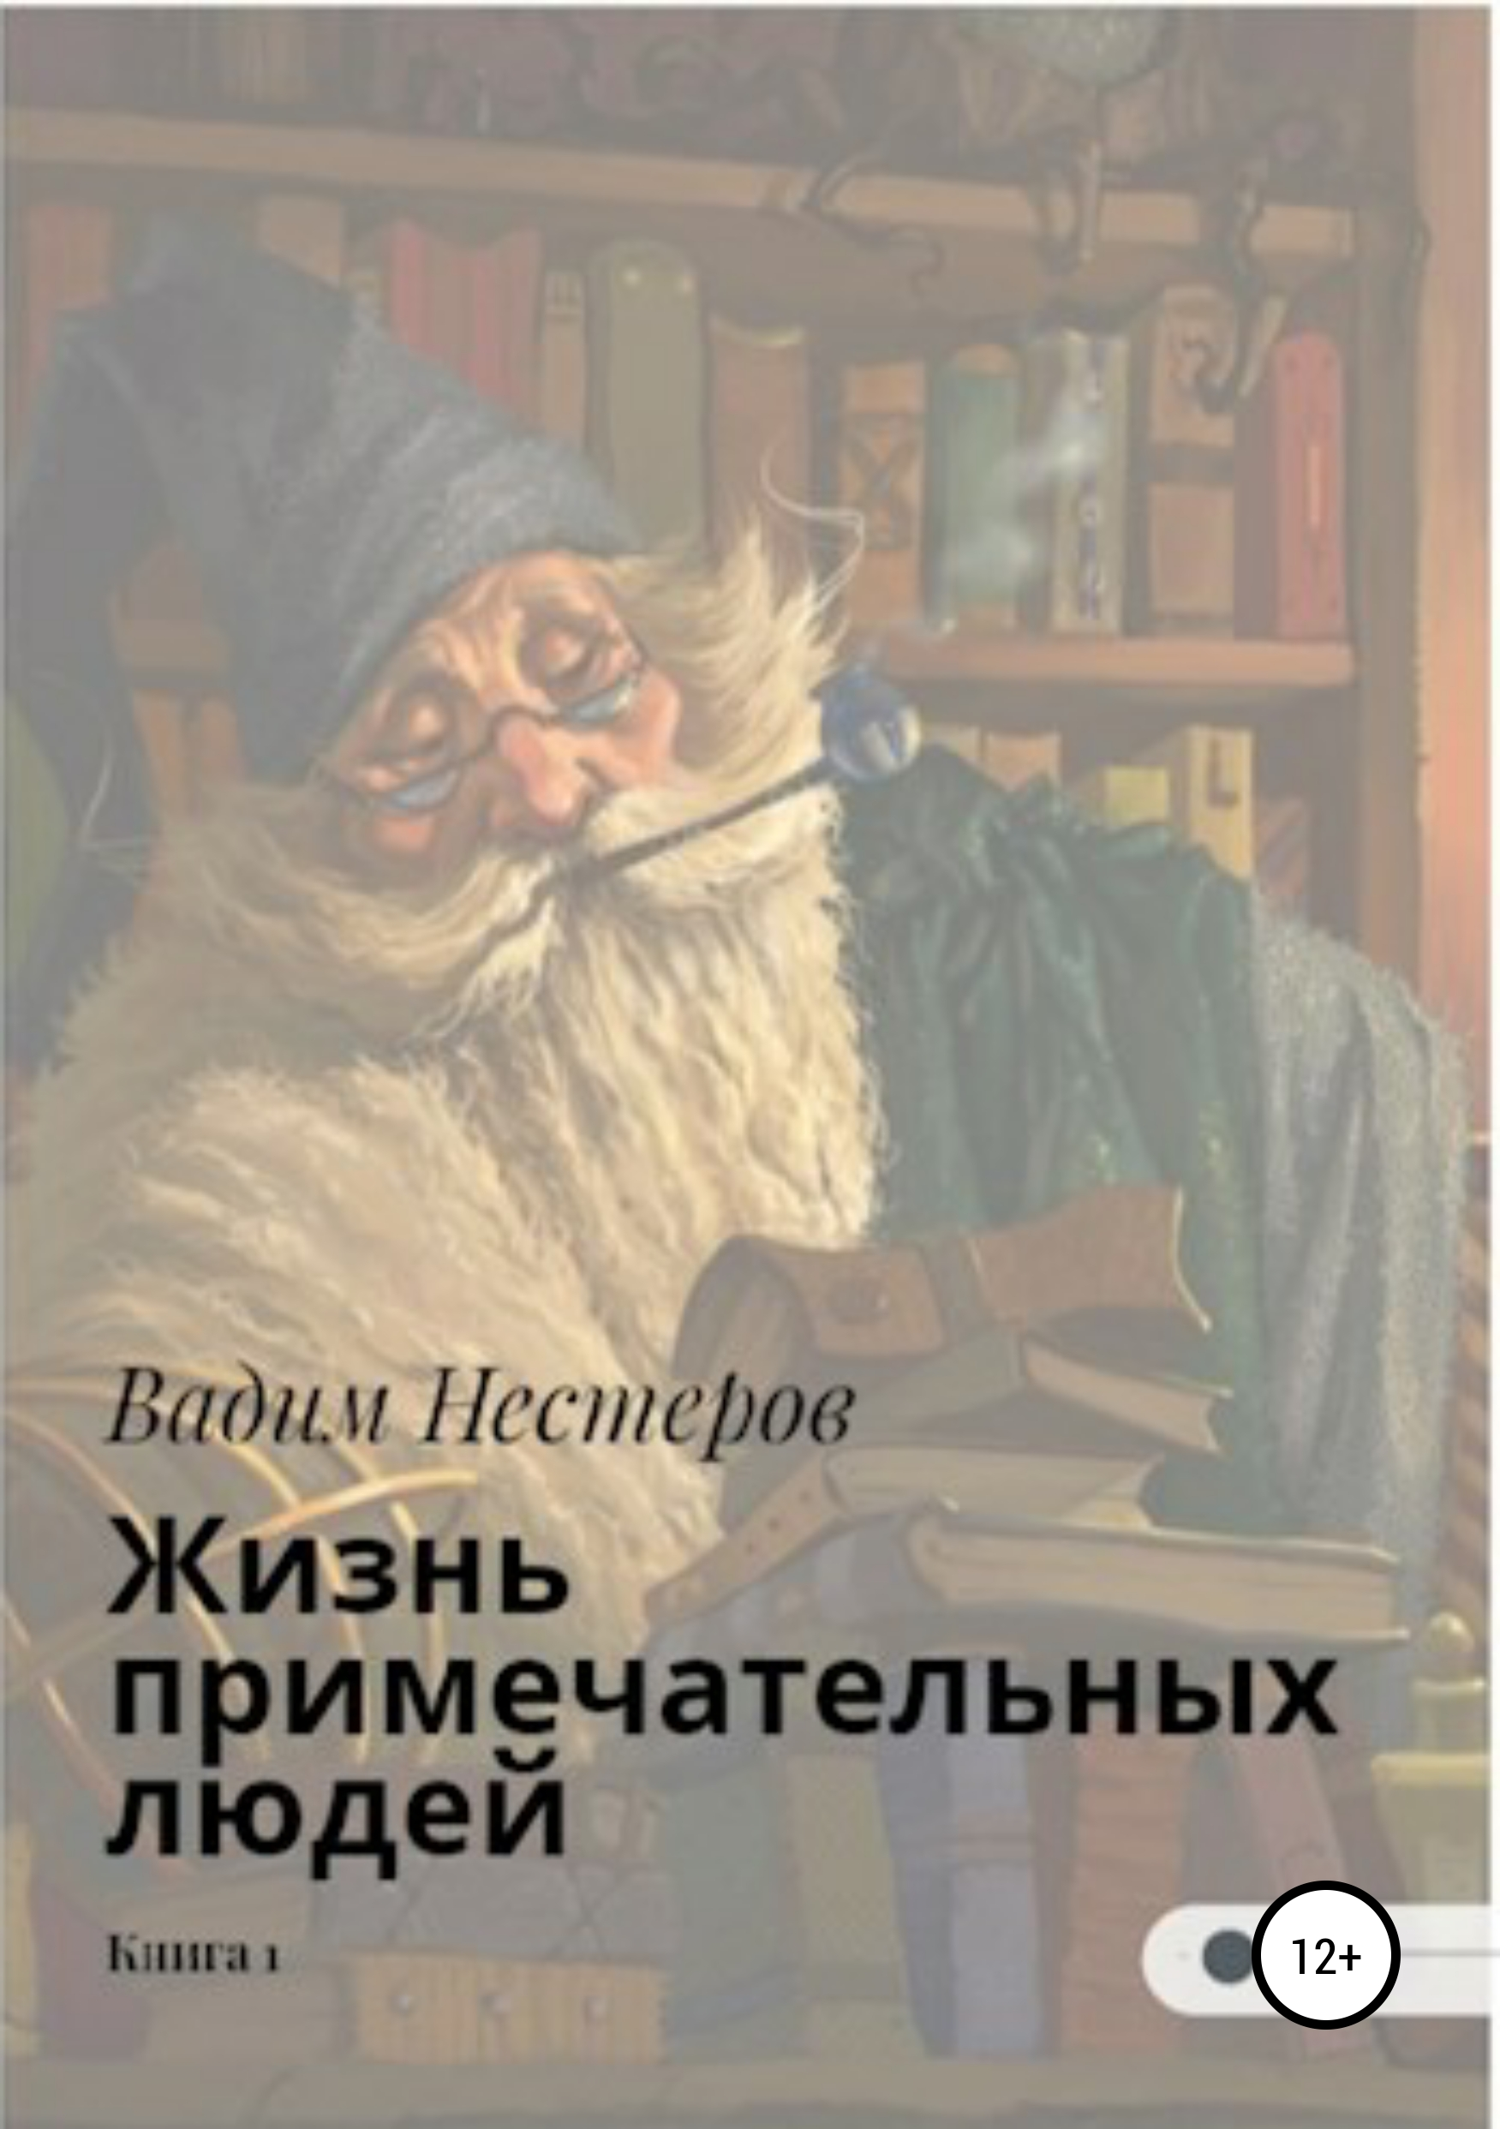 Жизнь примечательных людей. Книга первая